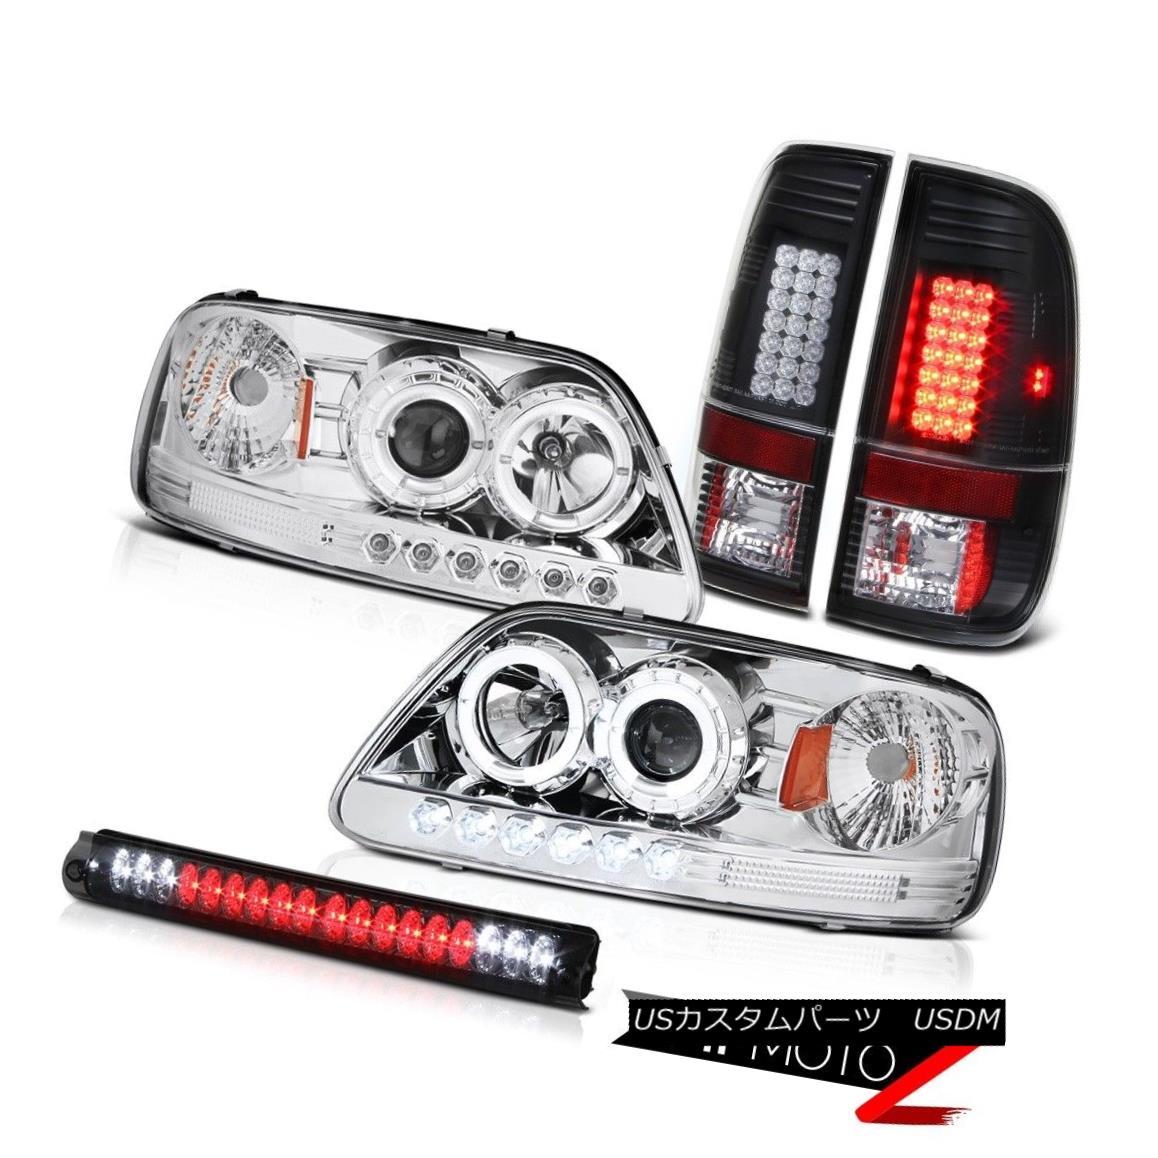 ヘッドライト 1997 1998 F150 4.2L Chrome Headlight Black LED Tail Lamps High Stop Lights Smoke 1997 1998 F150 4.2LクロームヘッドライトブラックLEDテールランプハイストップライトスモーク